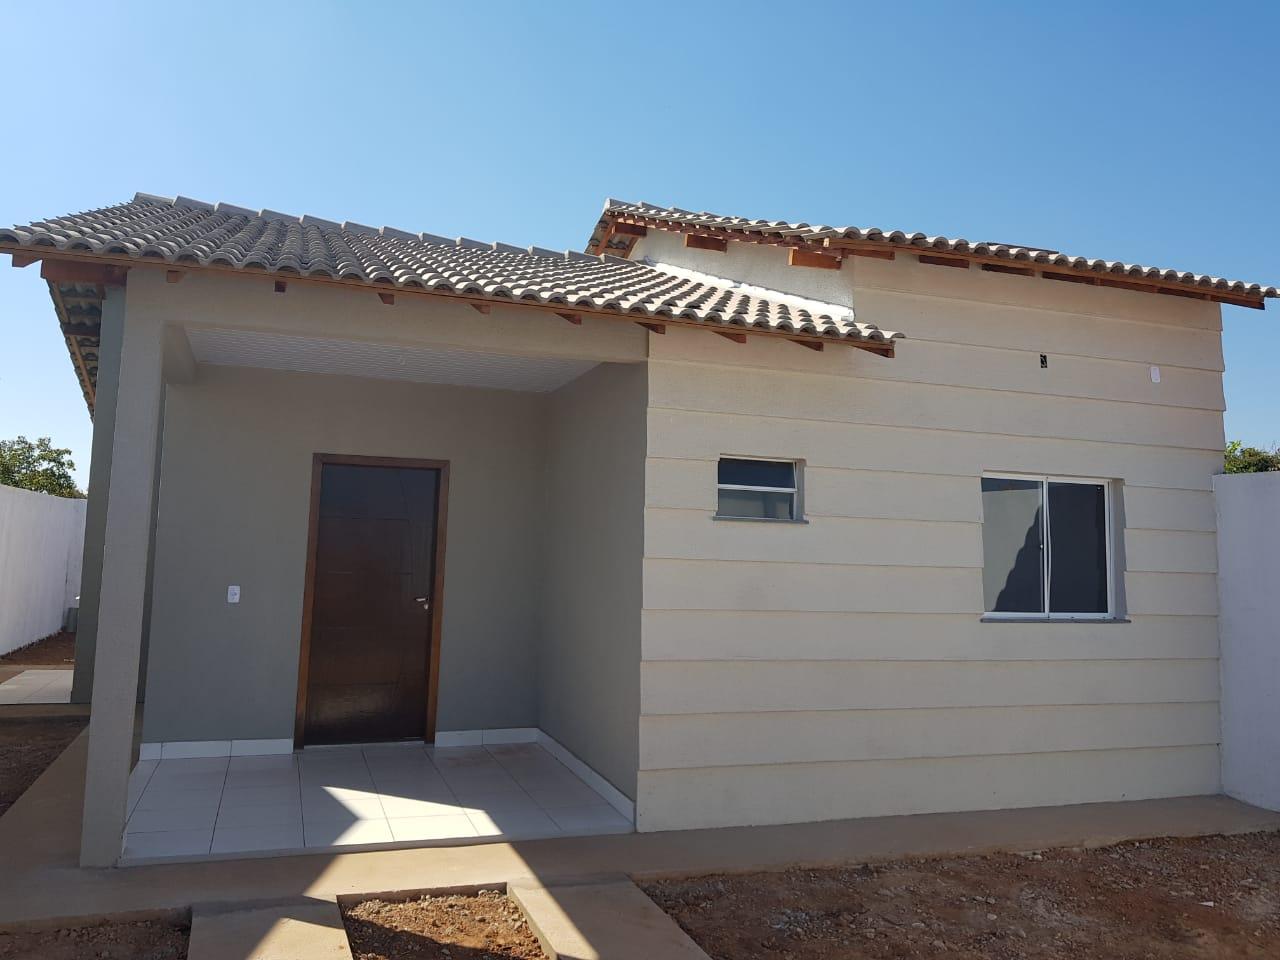 Casa à venda,  com 2 quartos no Novo Mundo em Várzea Grande MT 101 11895